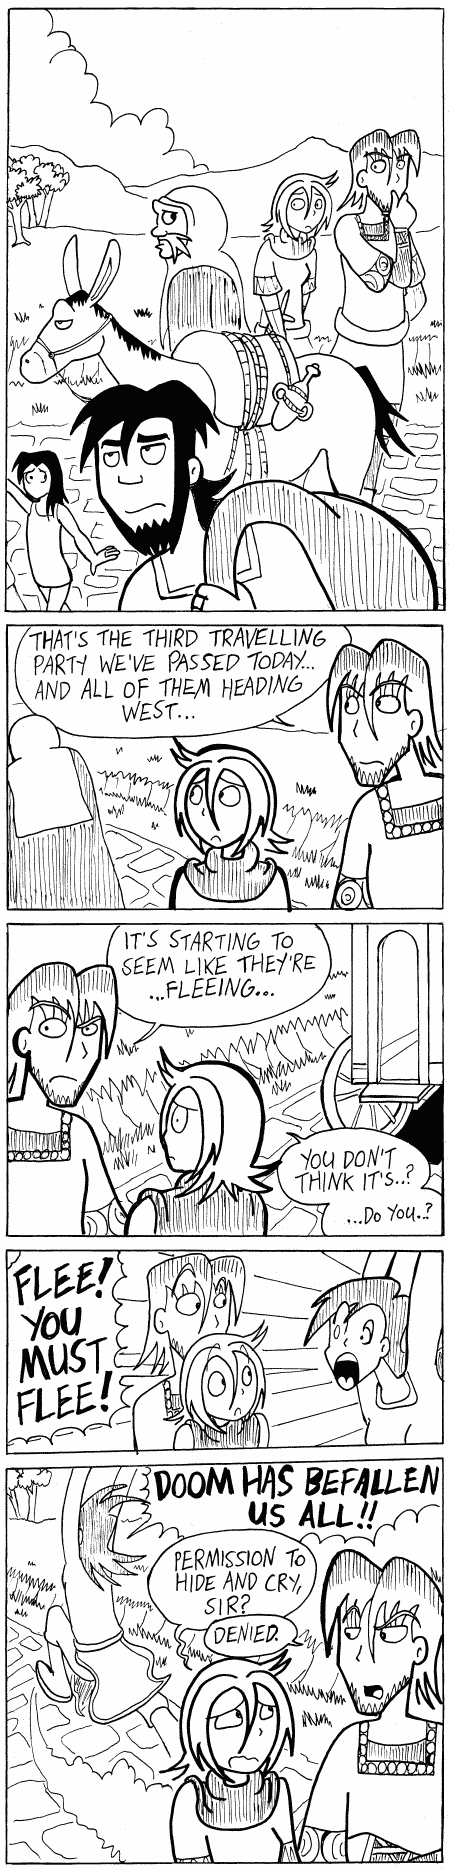 (#164) Flee